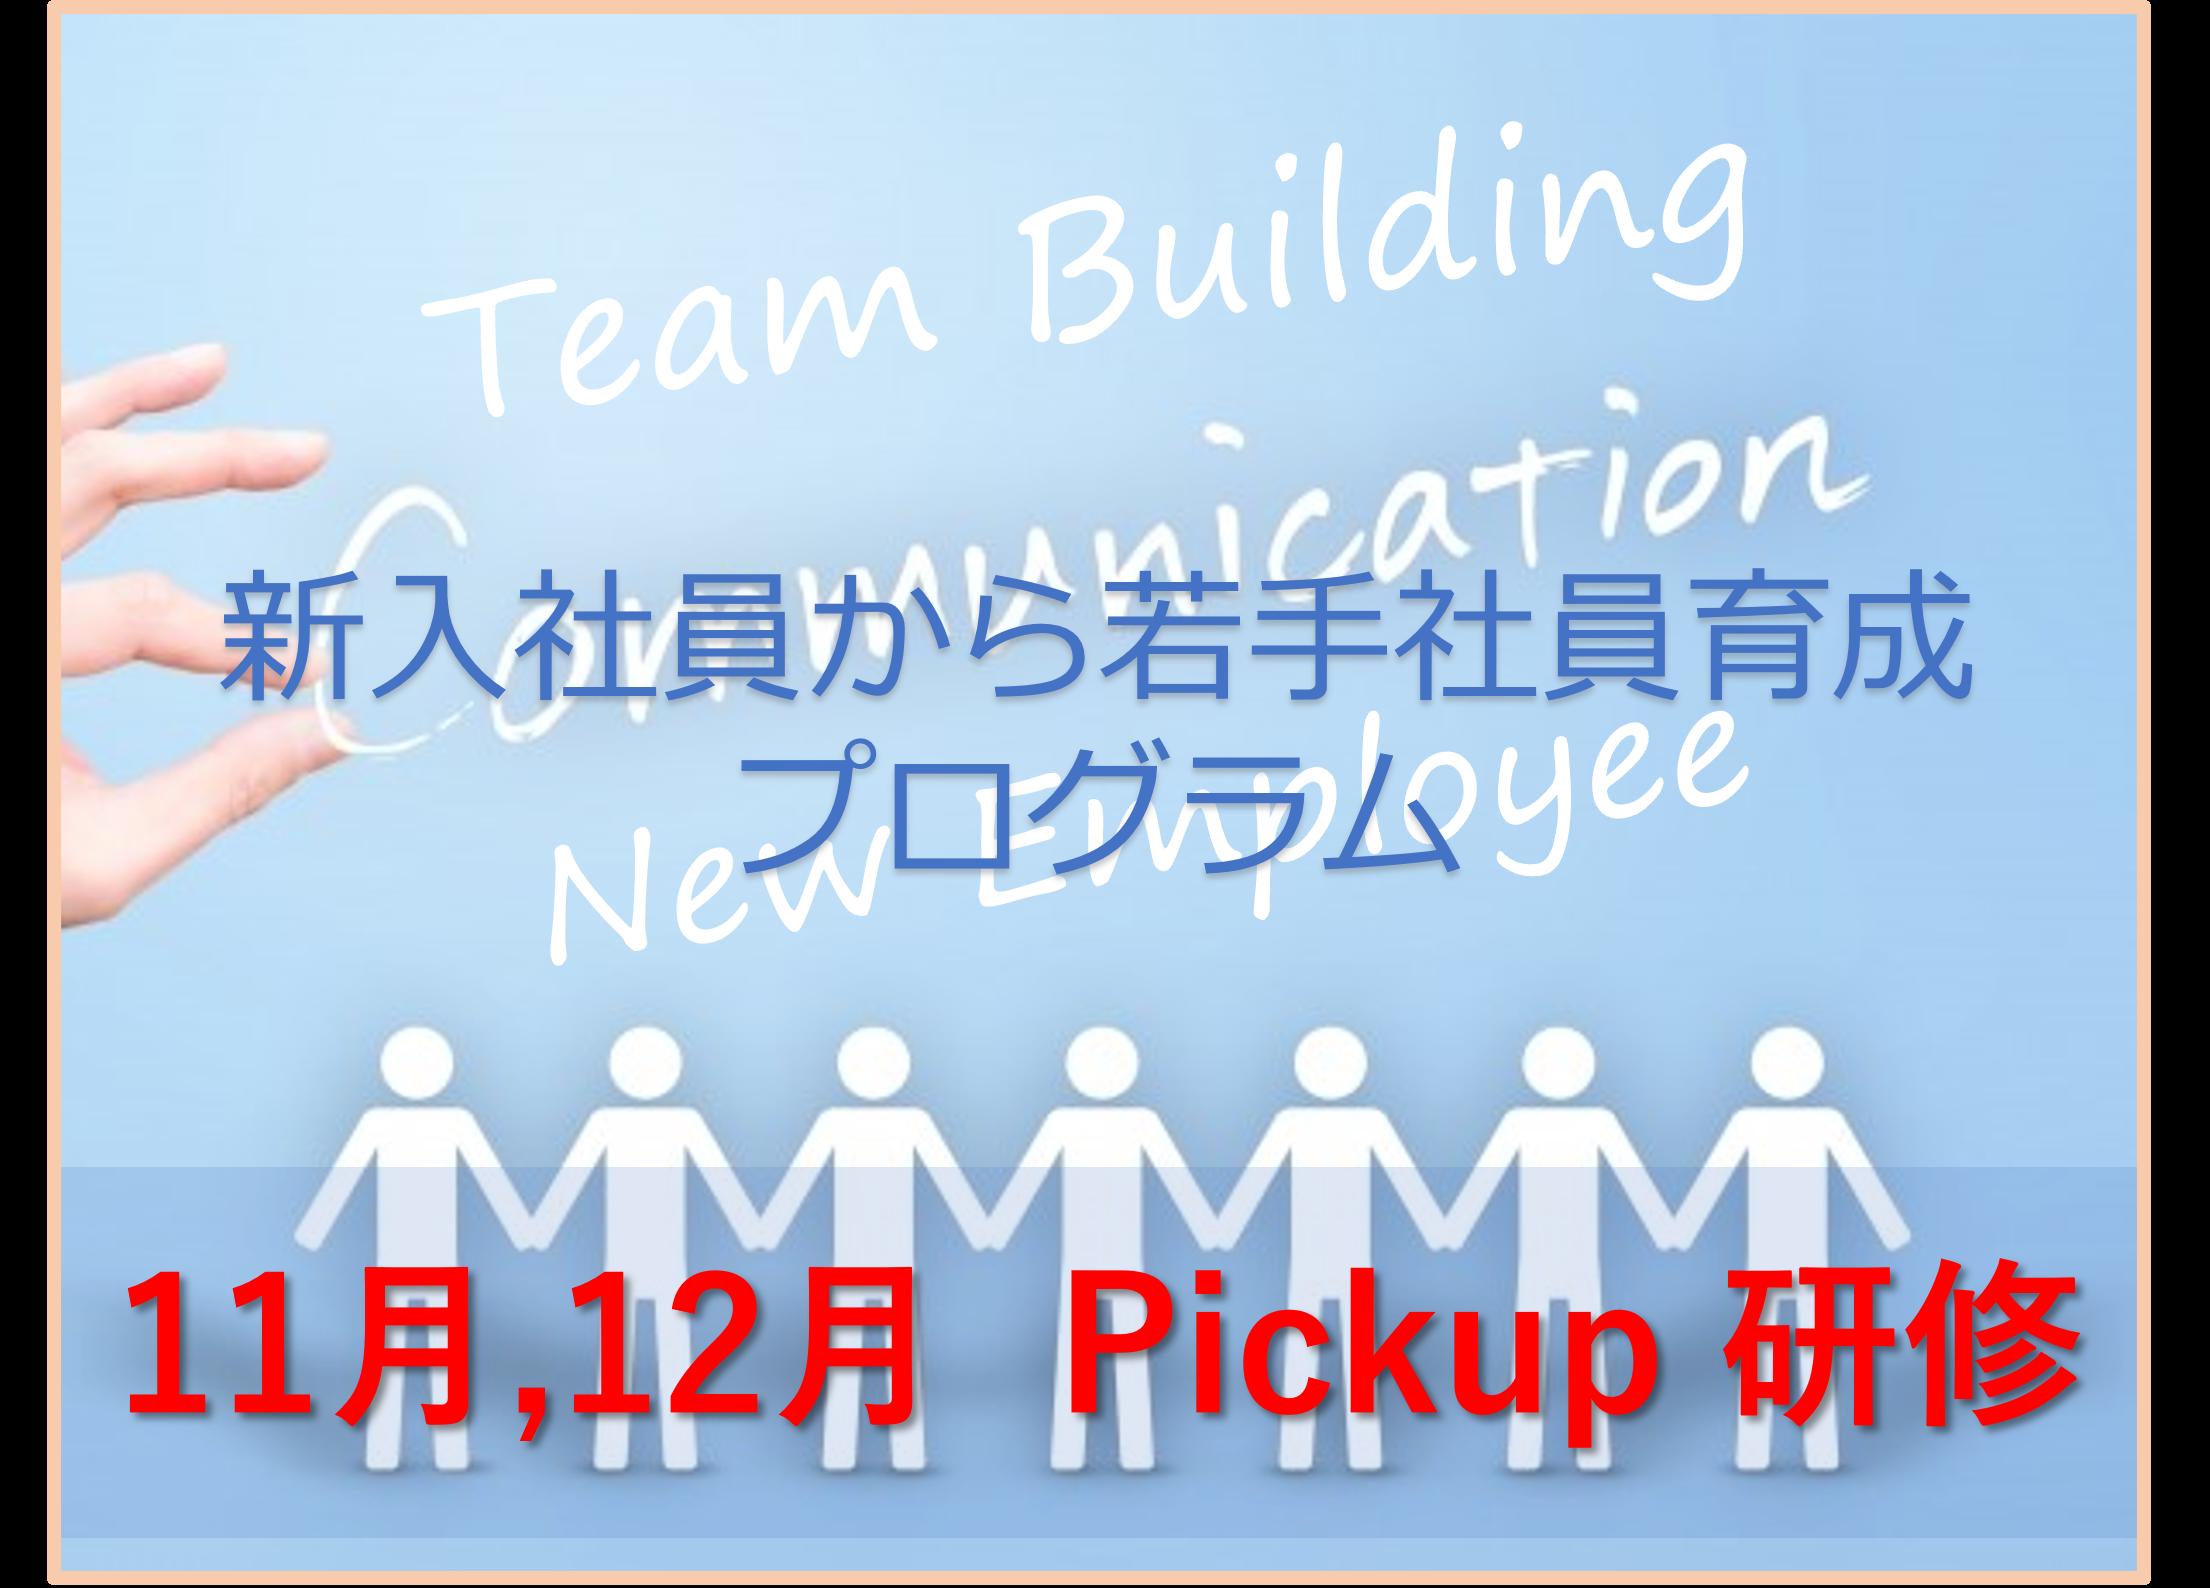 10月、11月のPickup研修 計画もいよいよ本番!内定者~新入社員、若手社員向けプログラム